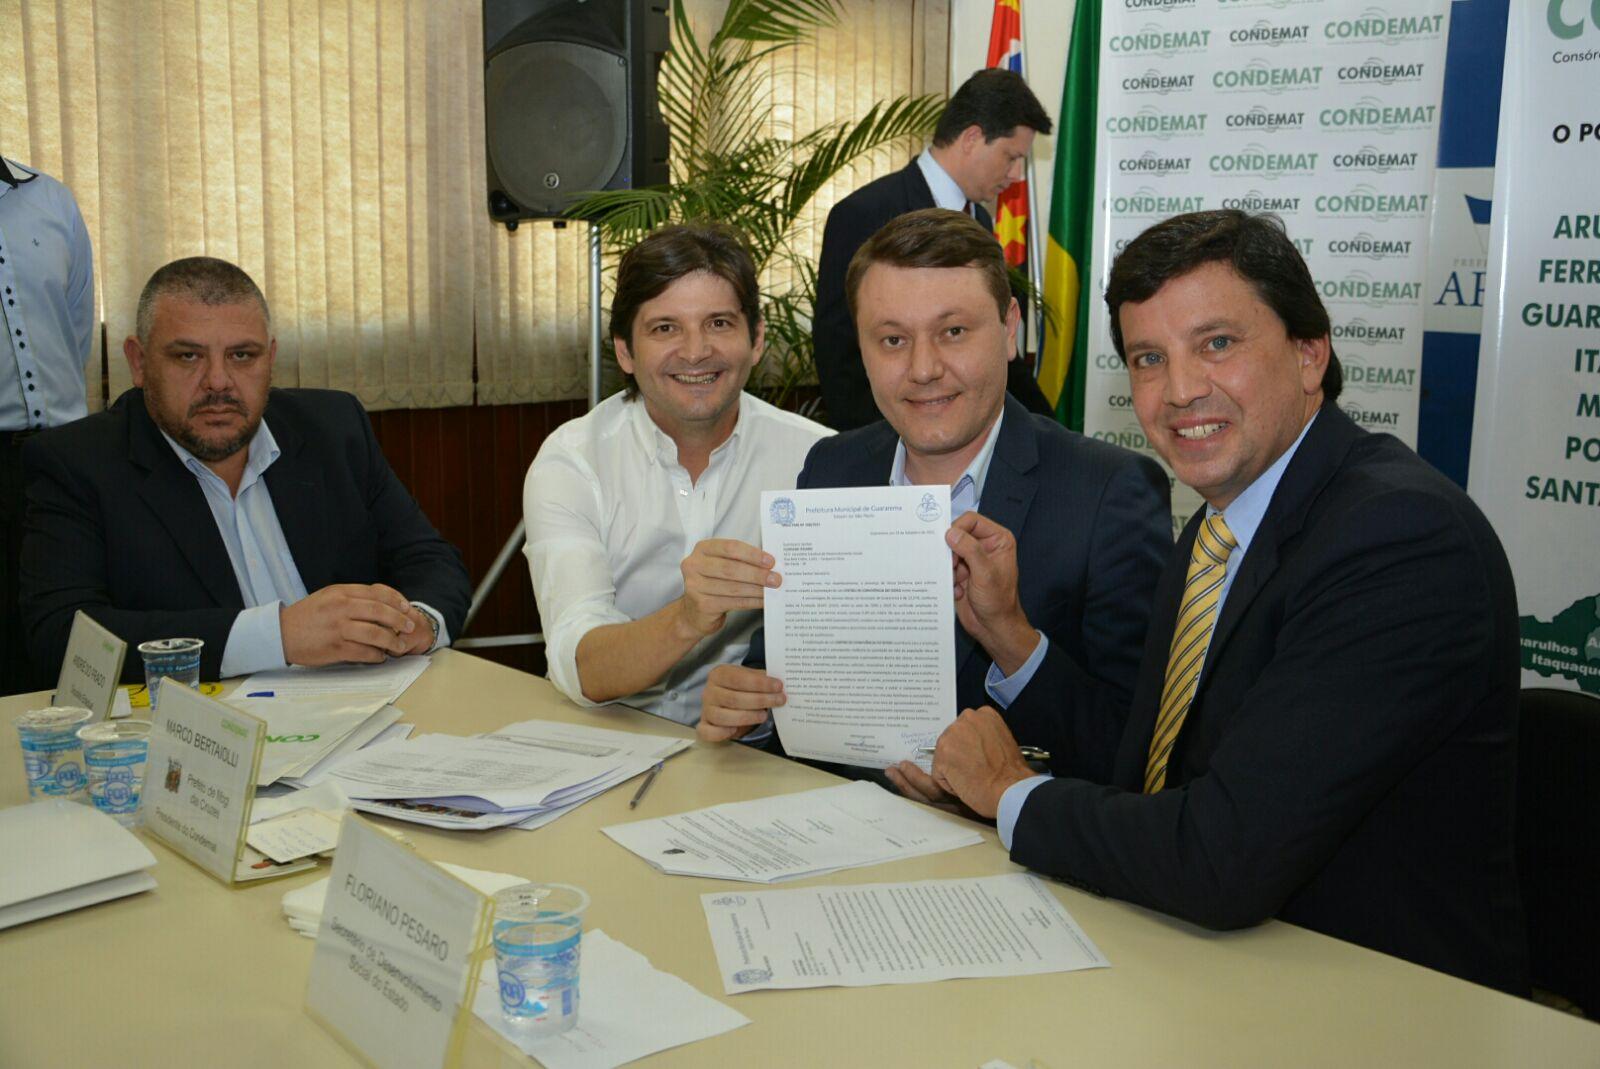 Deputado André do Prado com o prefeito Adriano entregam o pedido ao secretário Floriano Pesaro